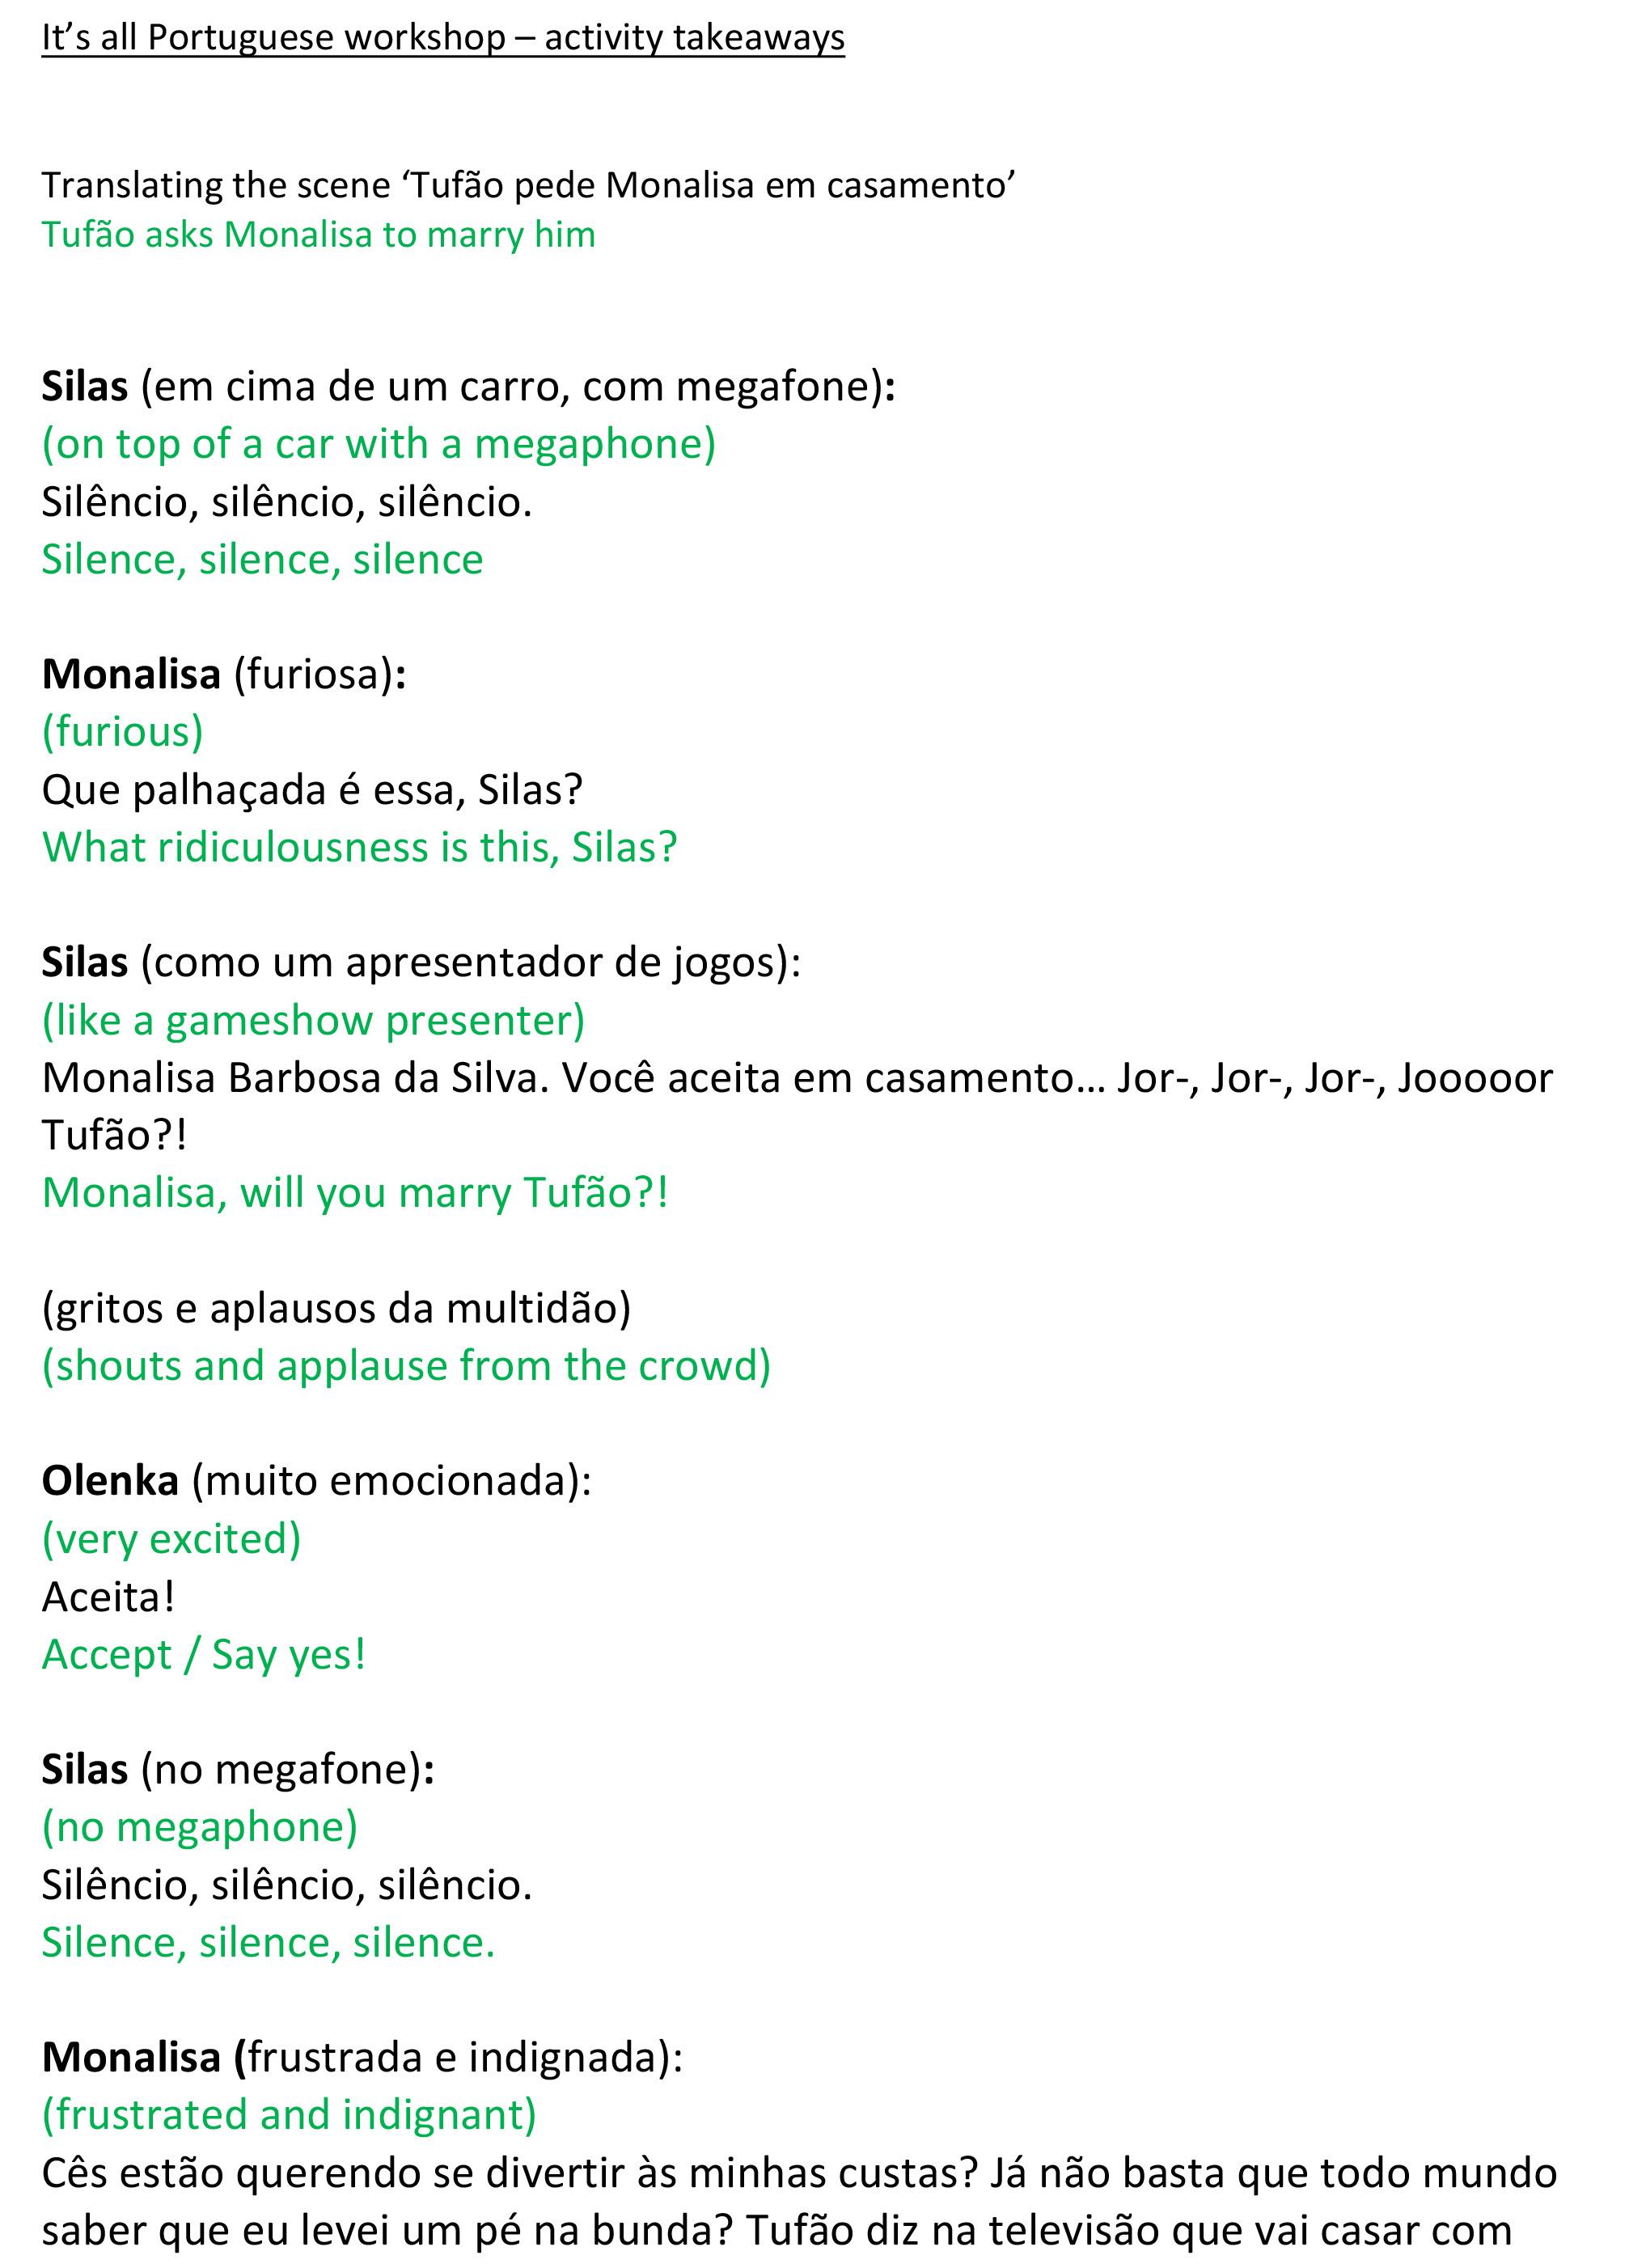 ailish pdf-1.jpg